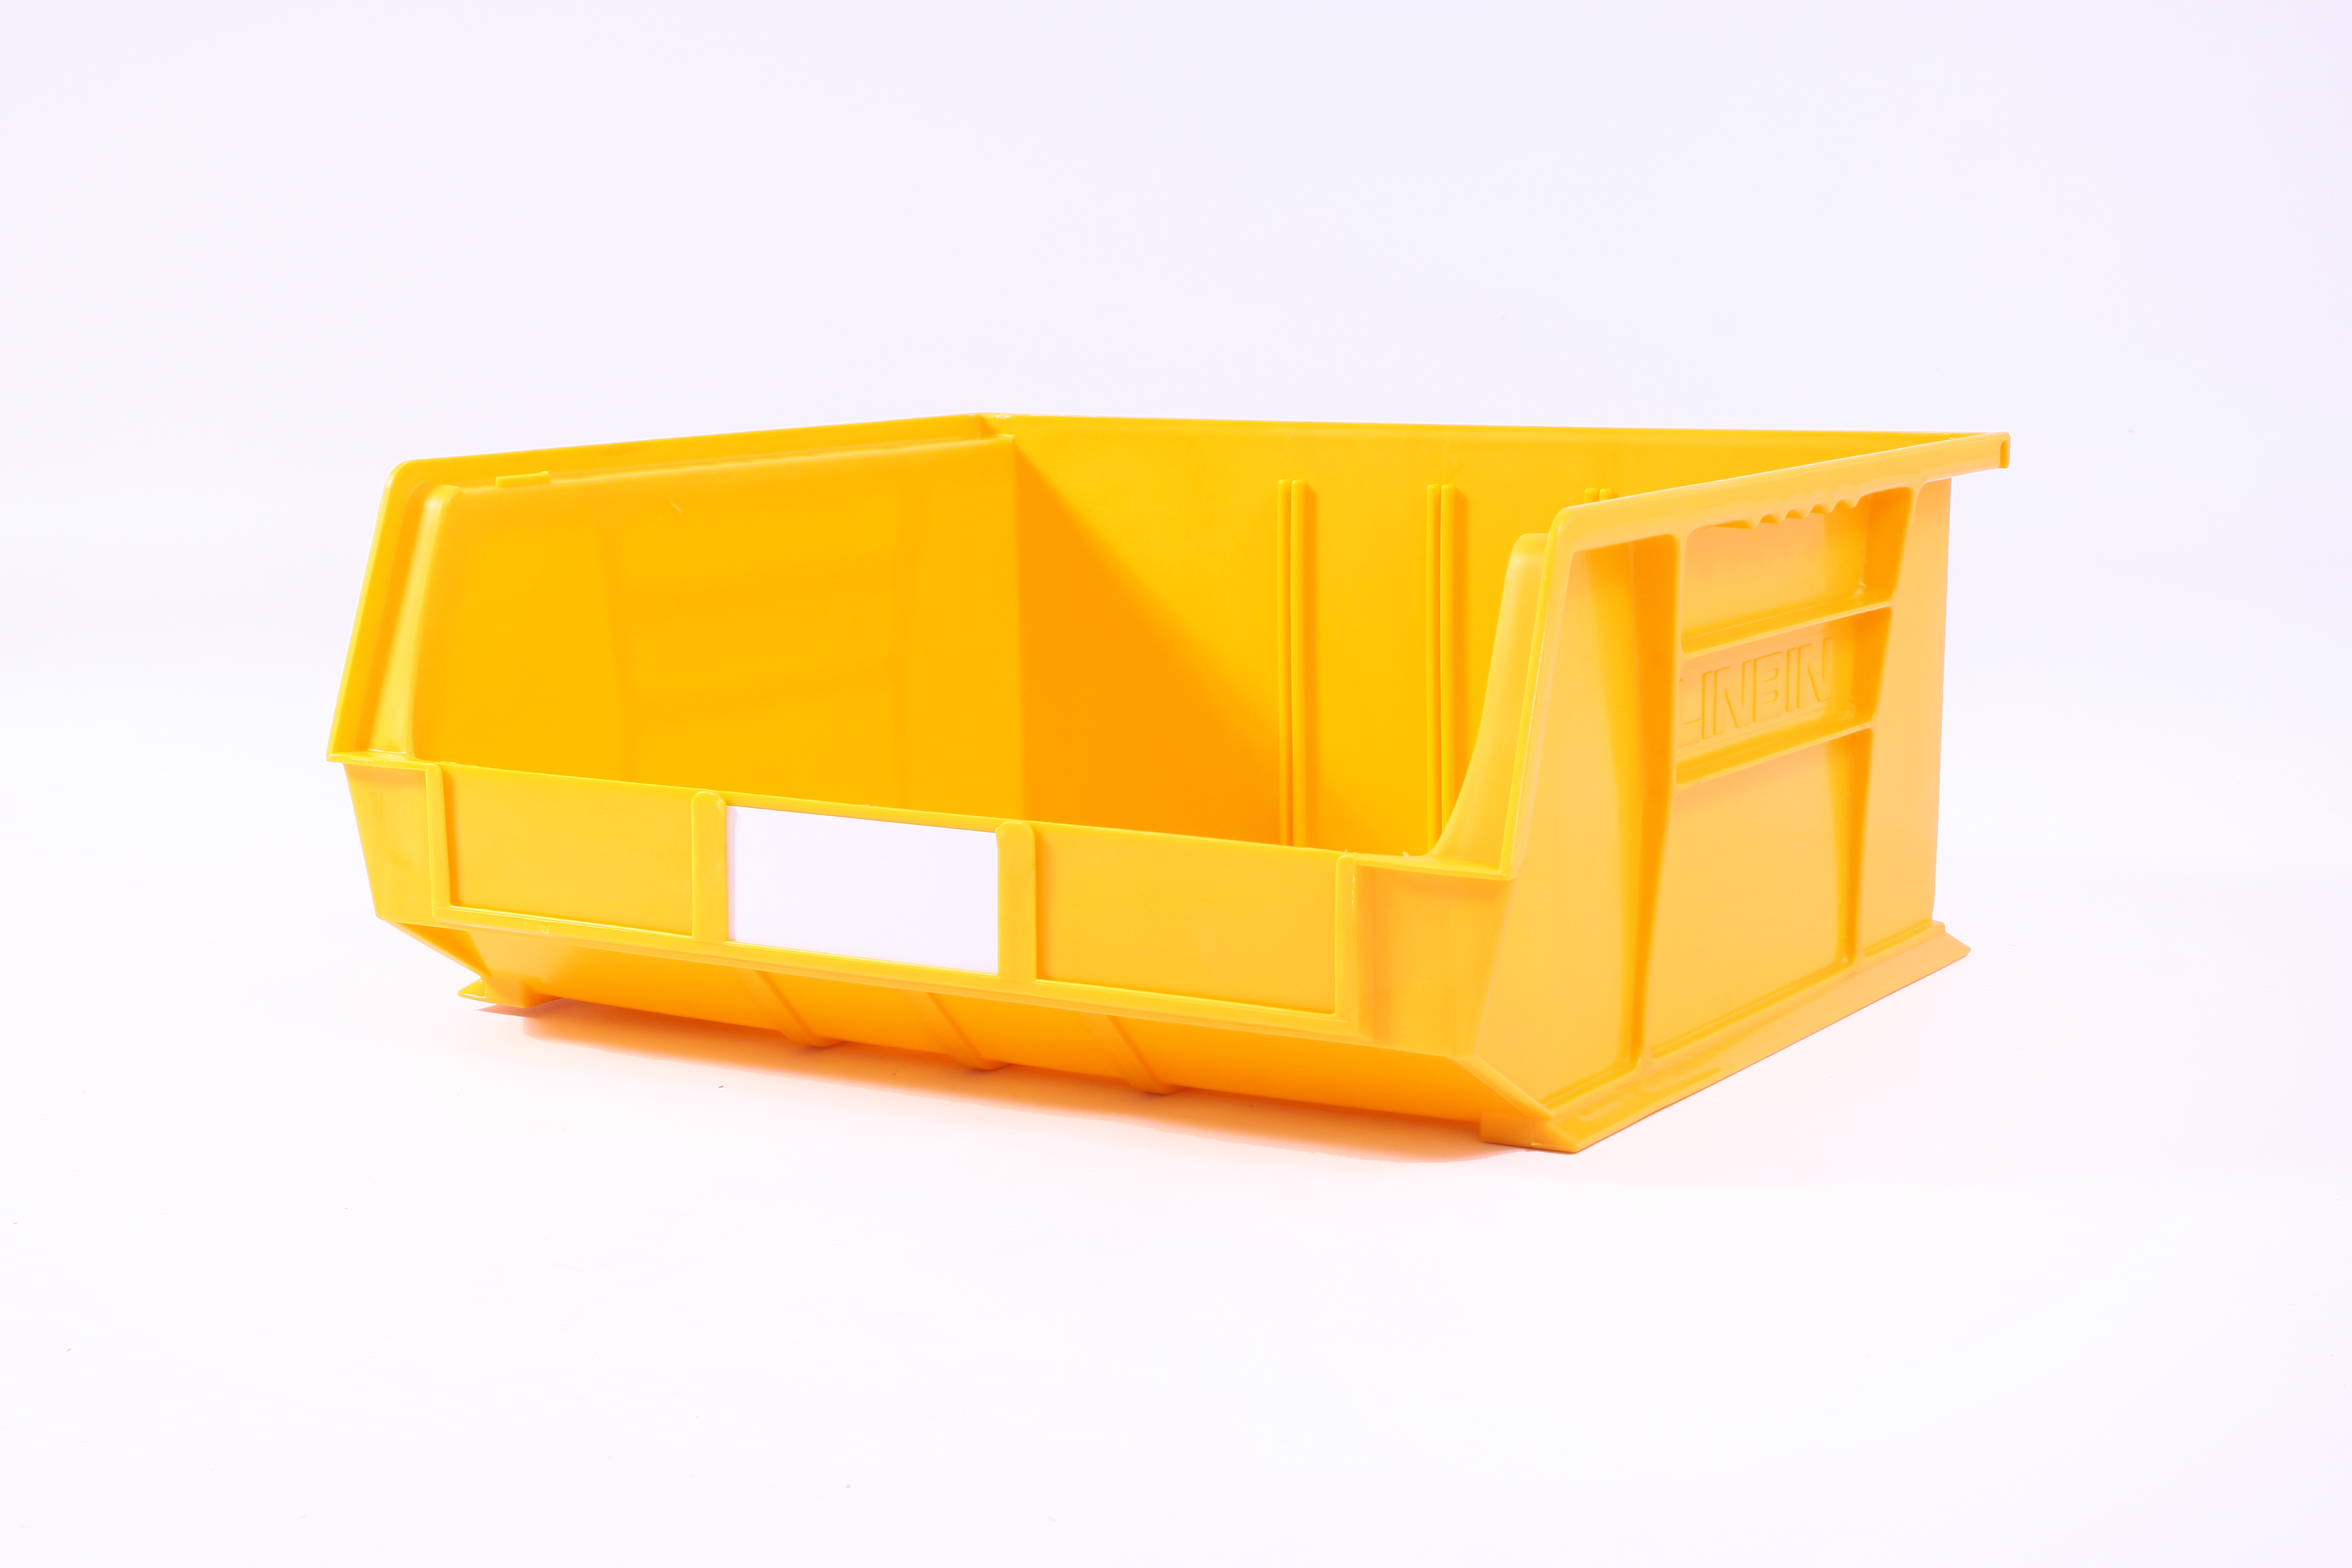 Linbin Size 8 H180mm X W420mm X D375mm Pack Of 5 Bins